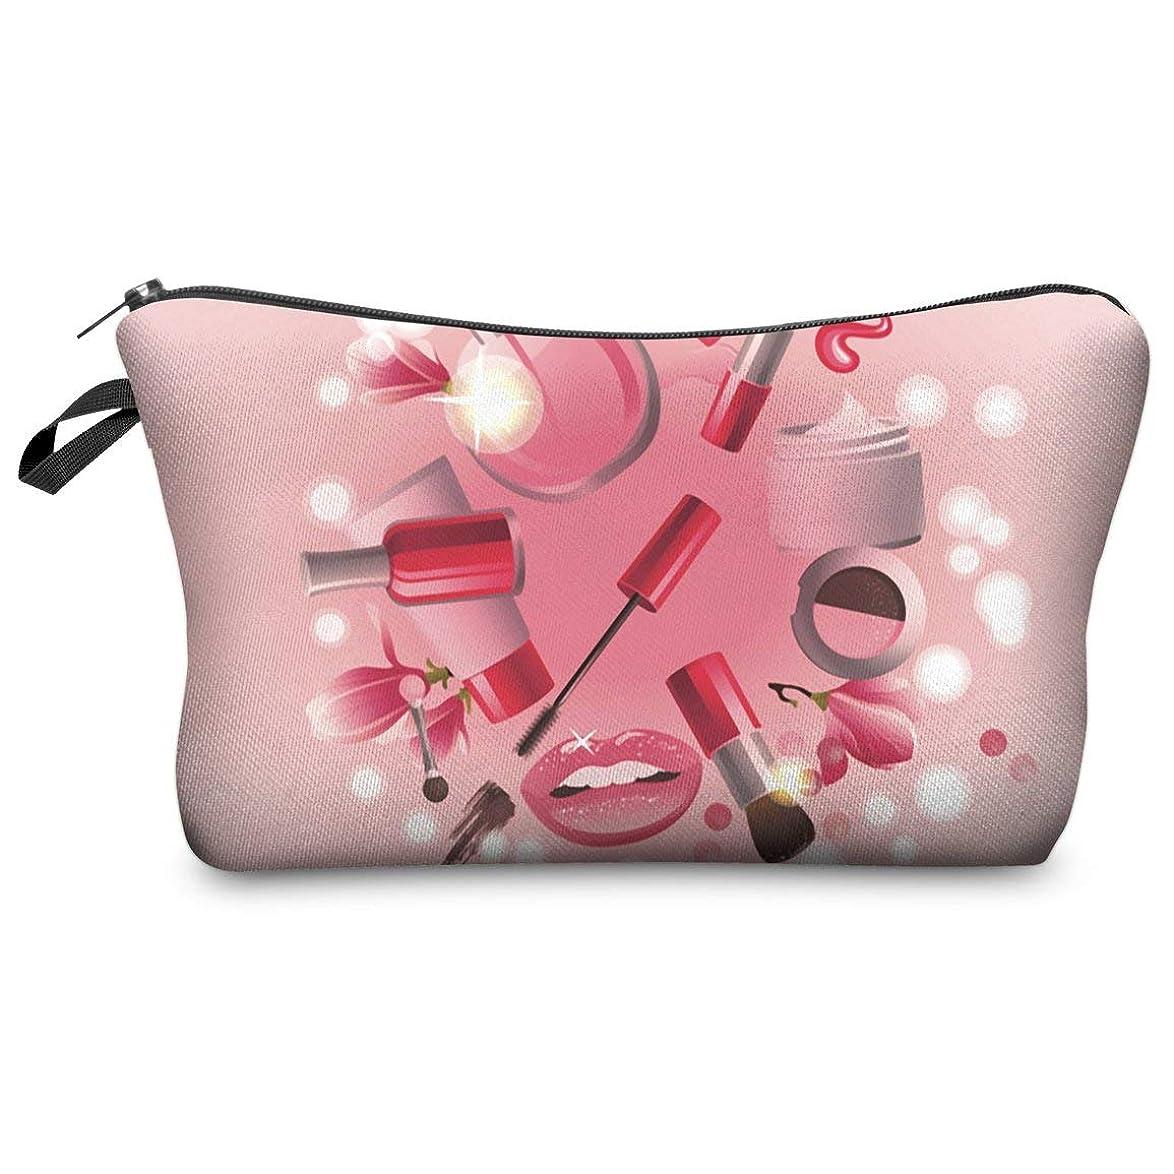 パターンとにかく同情的軽量ポータブルコインストレージケーストラベルメイクポリエステルポーチ化粧品バッグケース女性のための女の子-マルチカラー混合